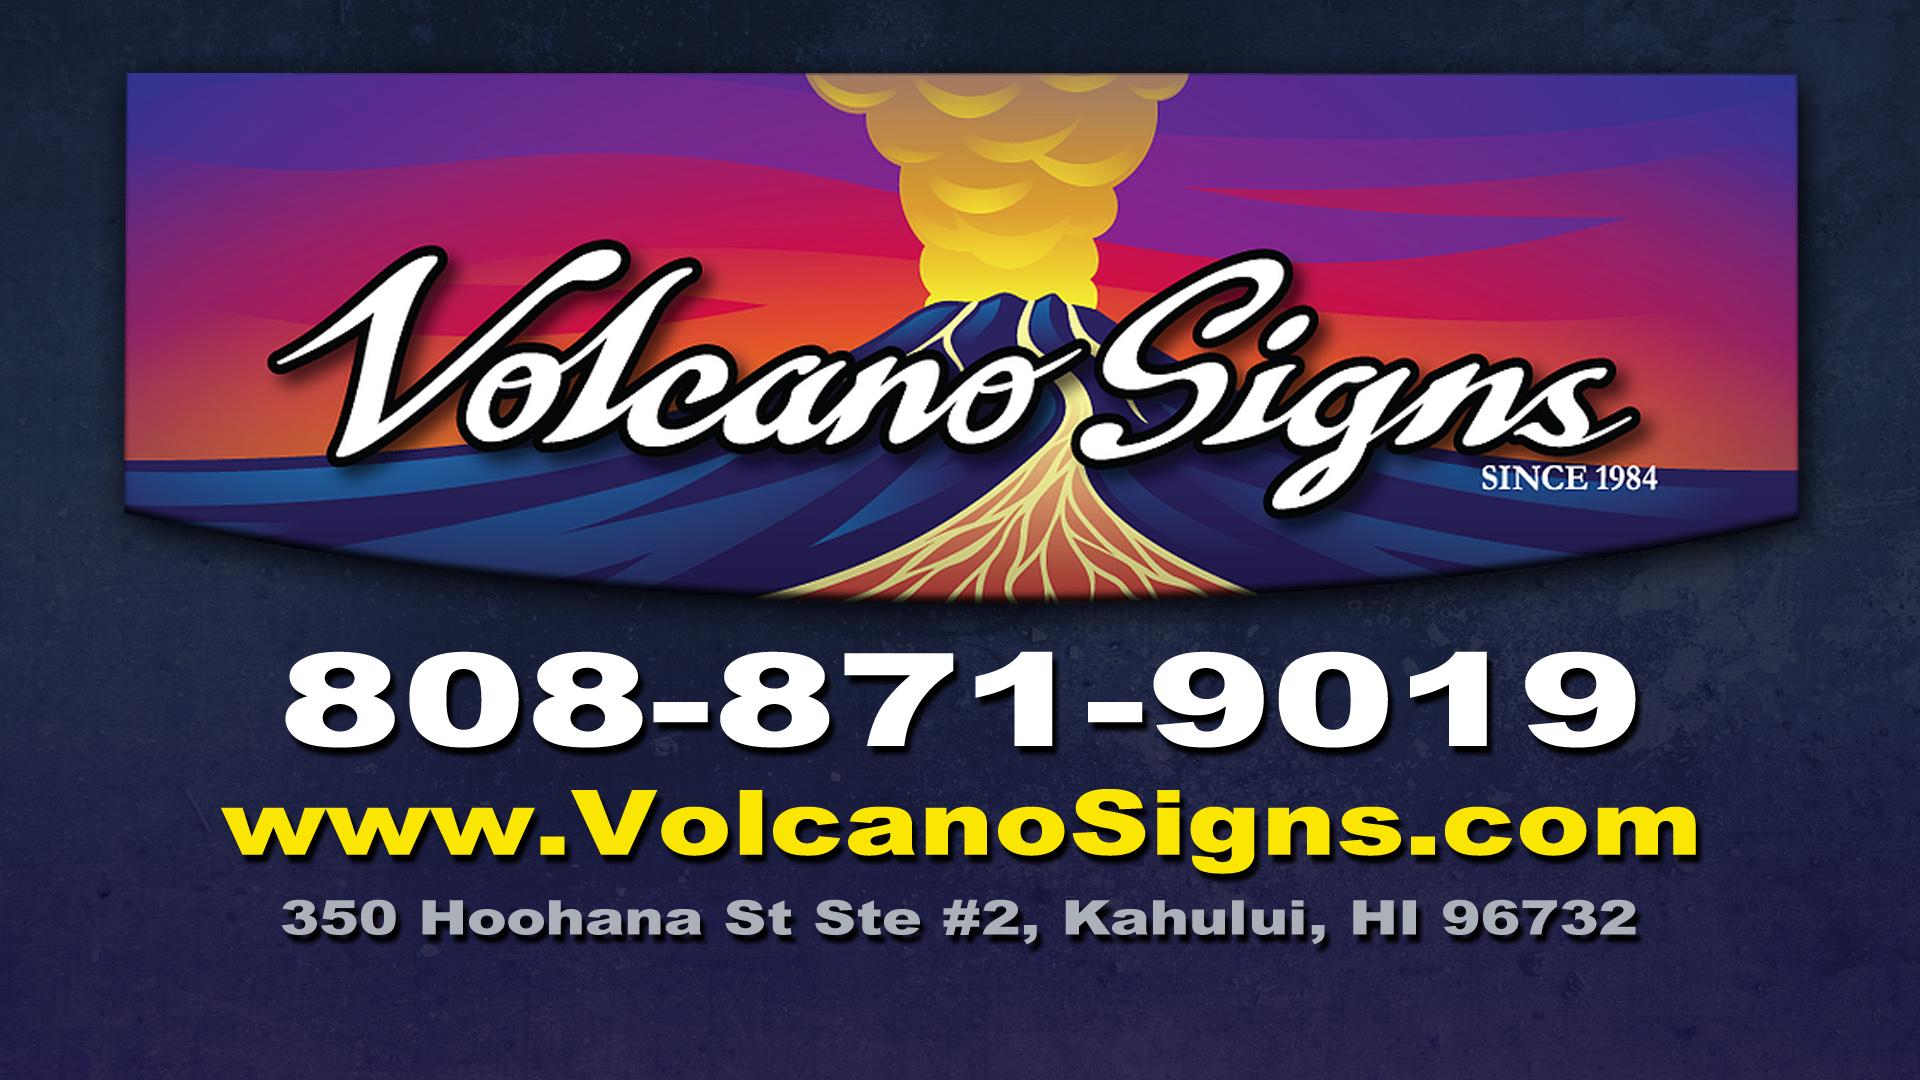 Vocalno Signs Maui